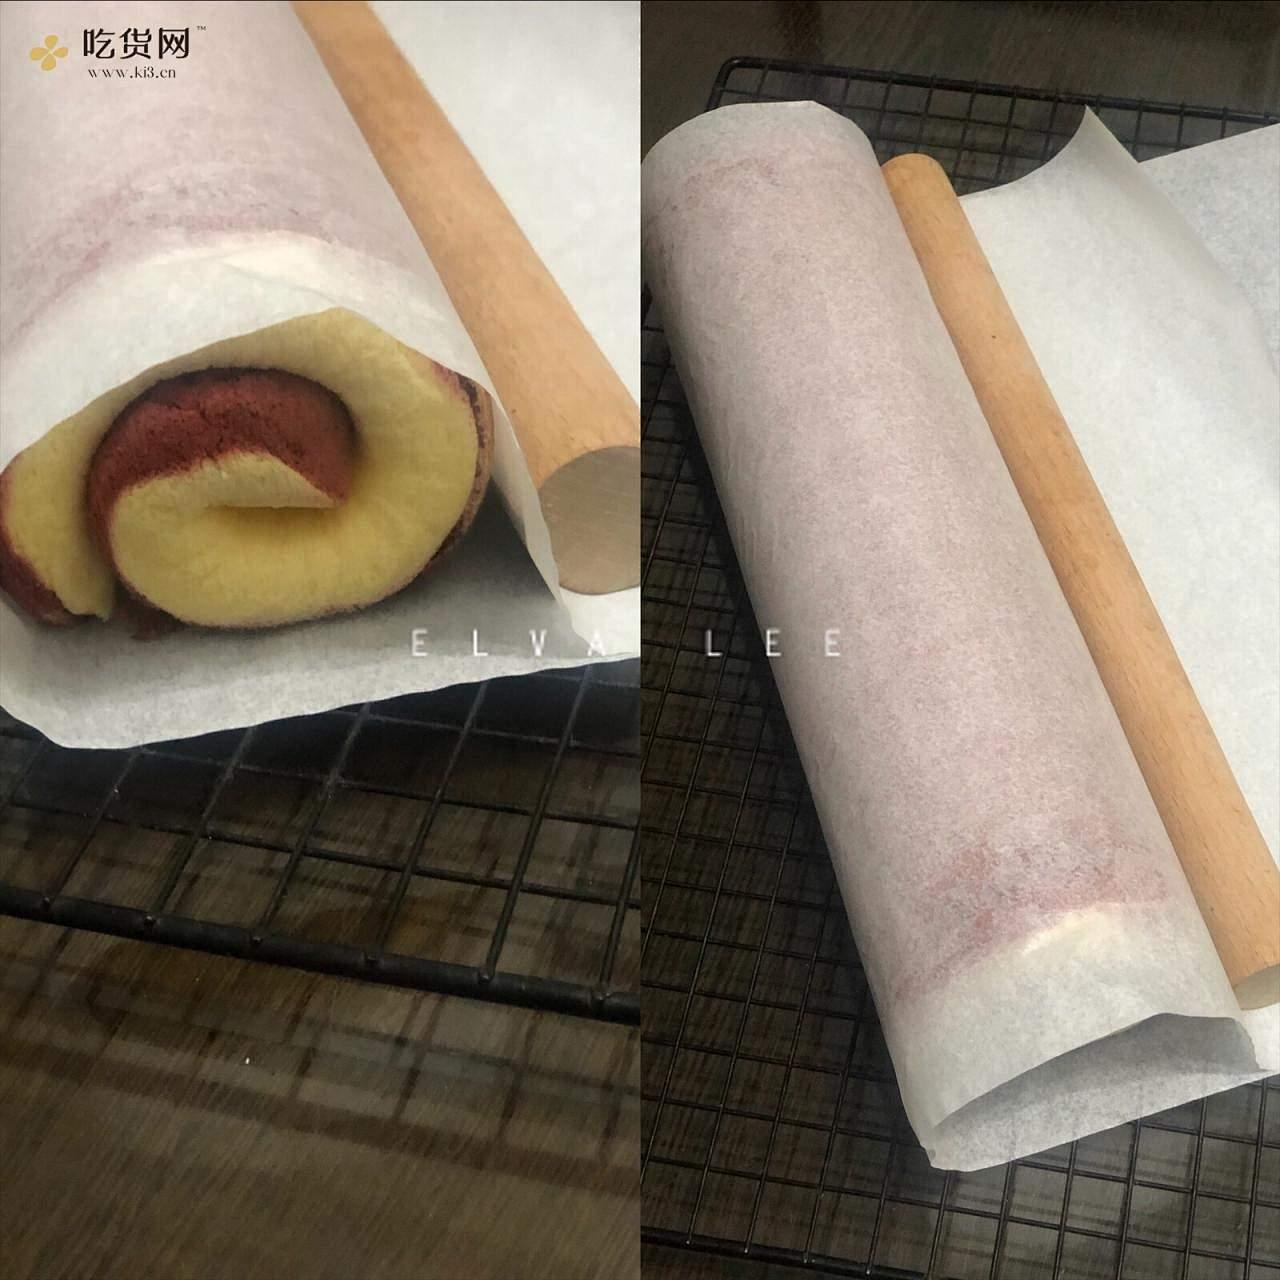 低糖低油红丝绒旋风蛋糕卷的做法 步骤6